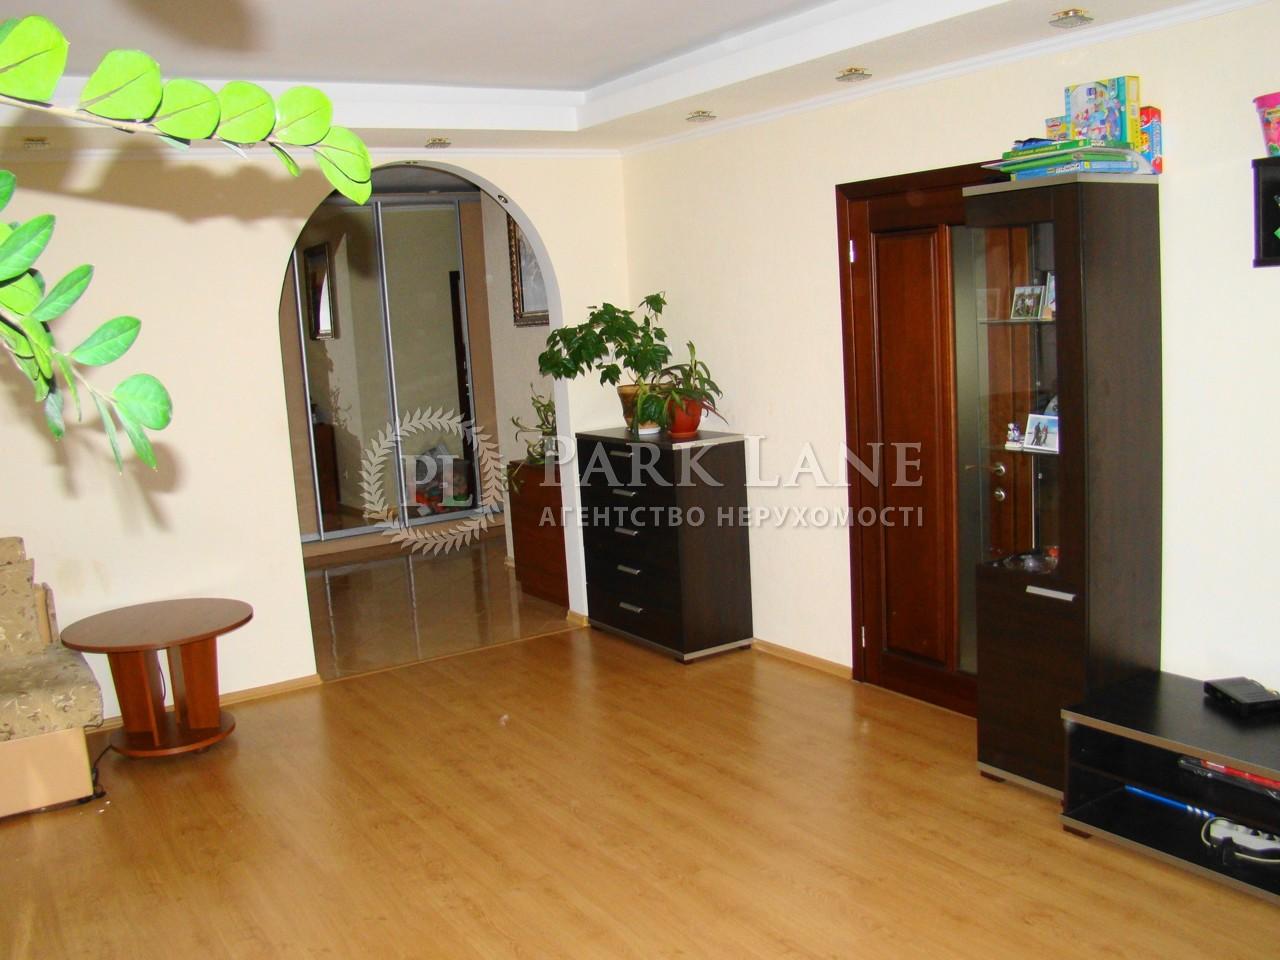 Квартира ул. Срибнокильская, 1, Киев, G-29012 - Фото 6